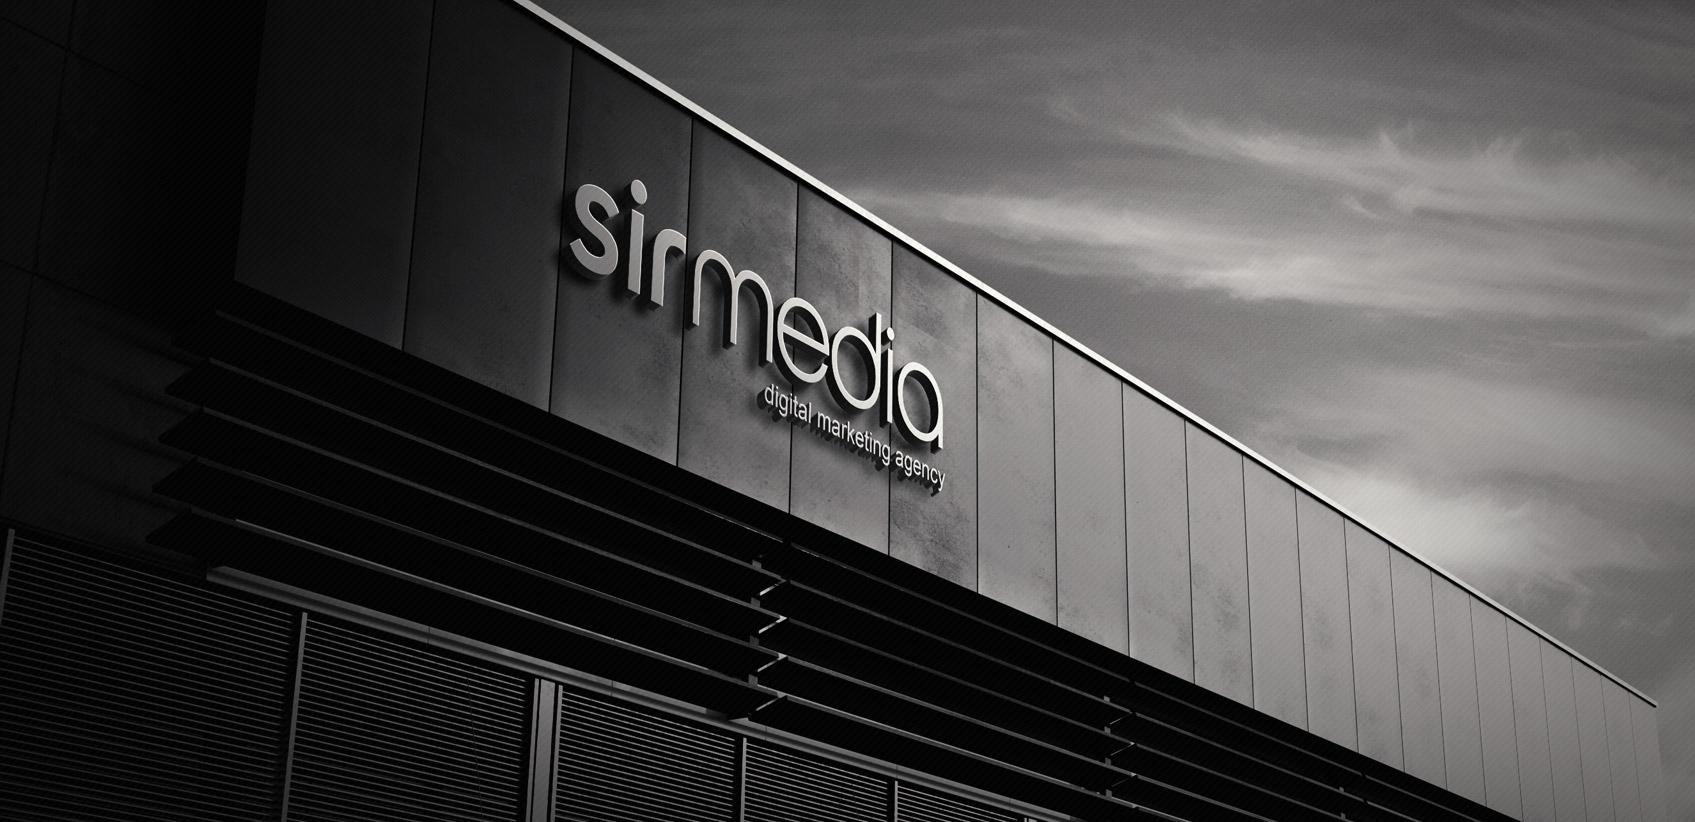 sirmedia digital marketing agency